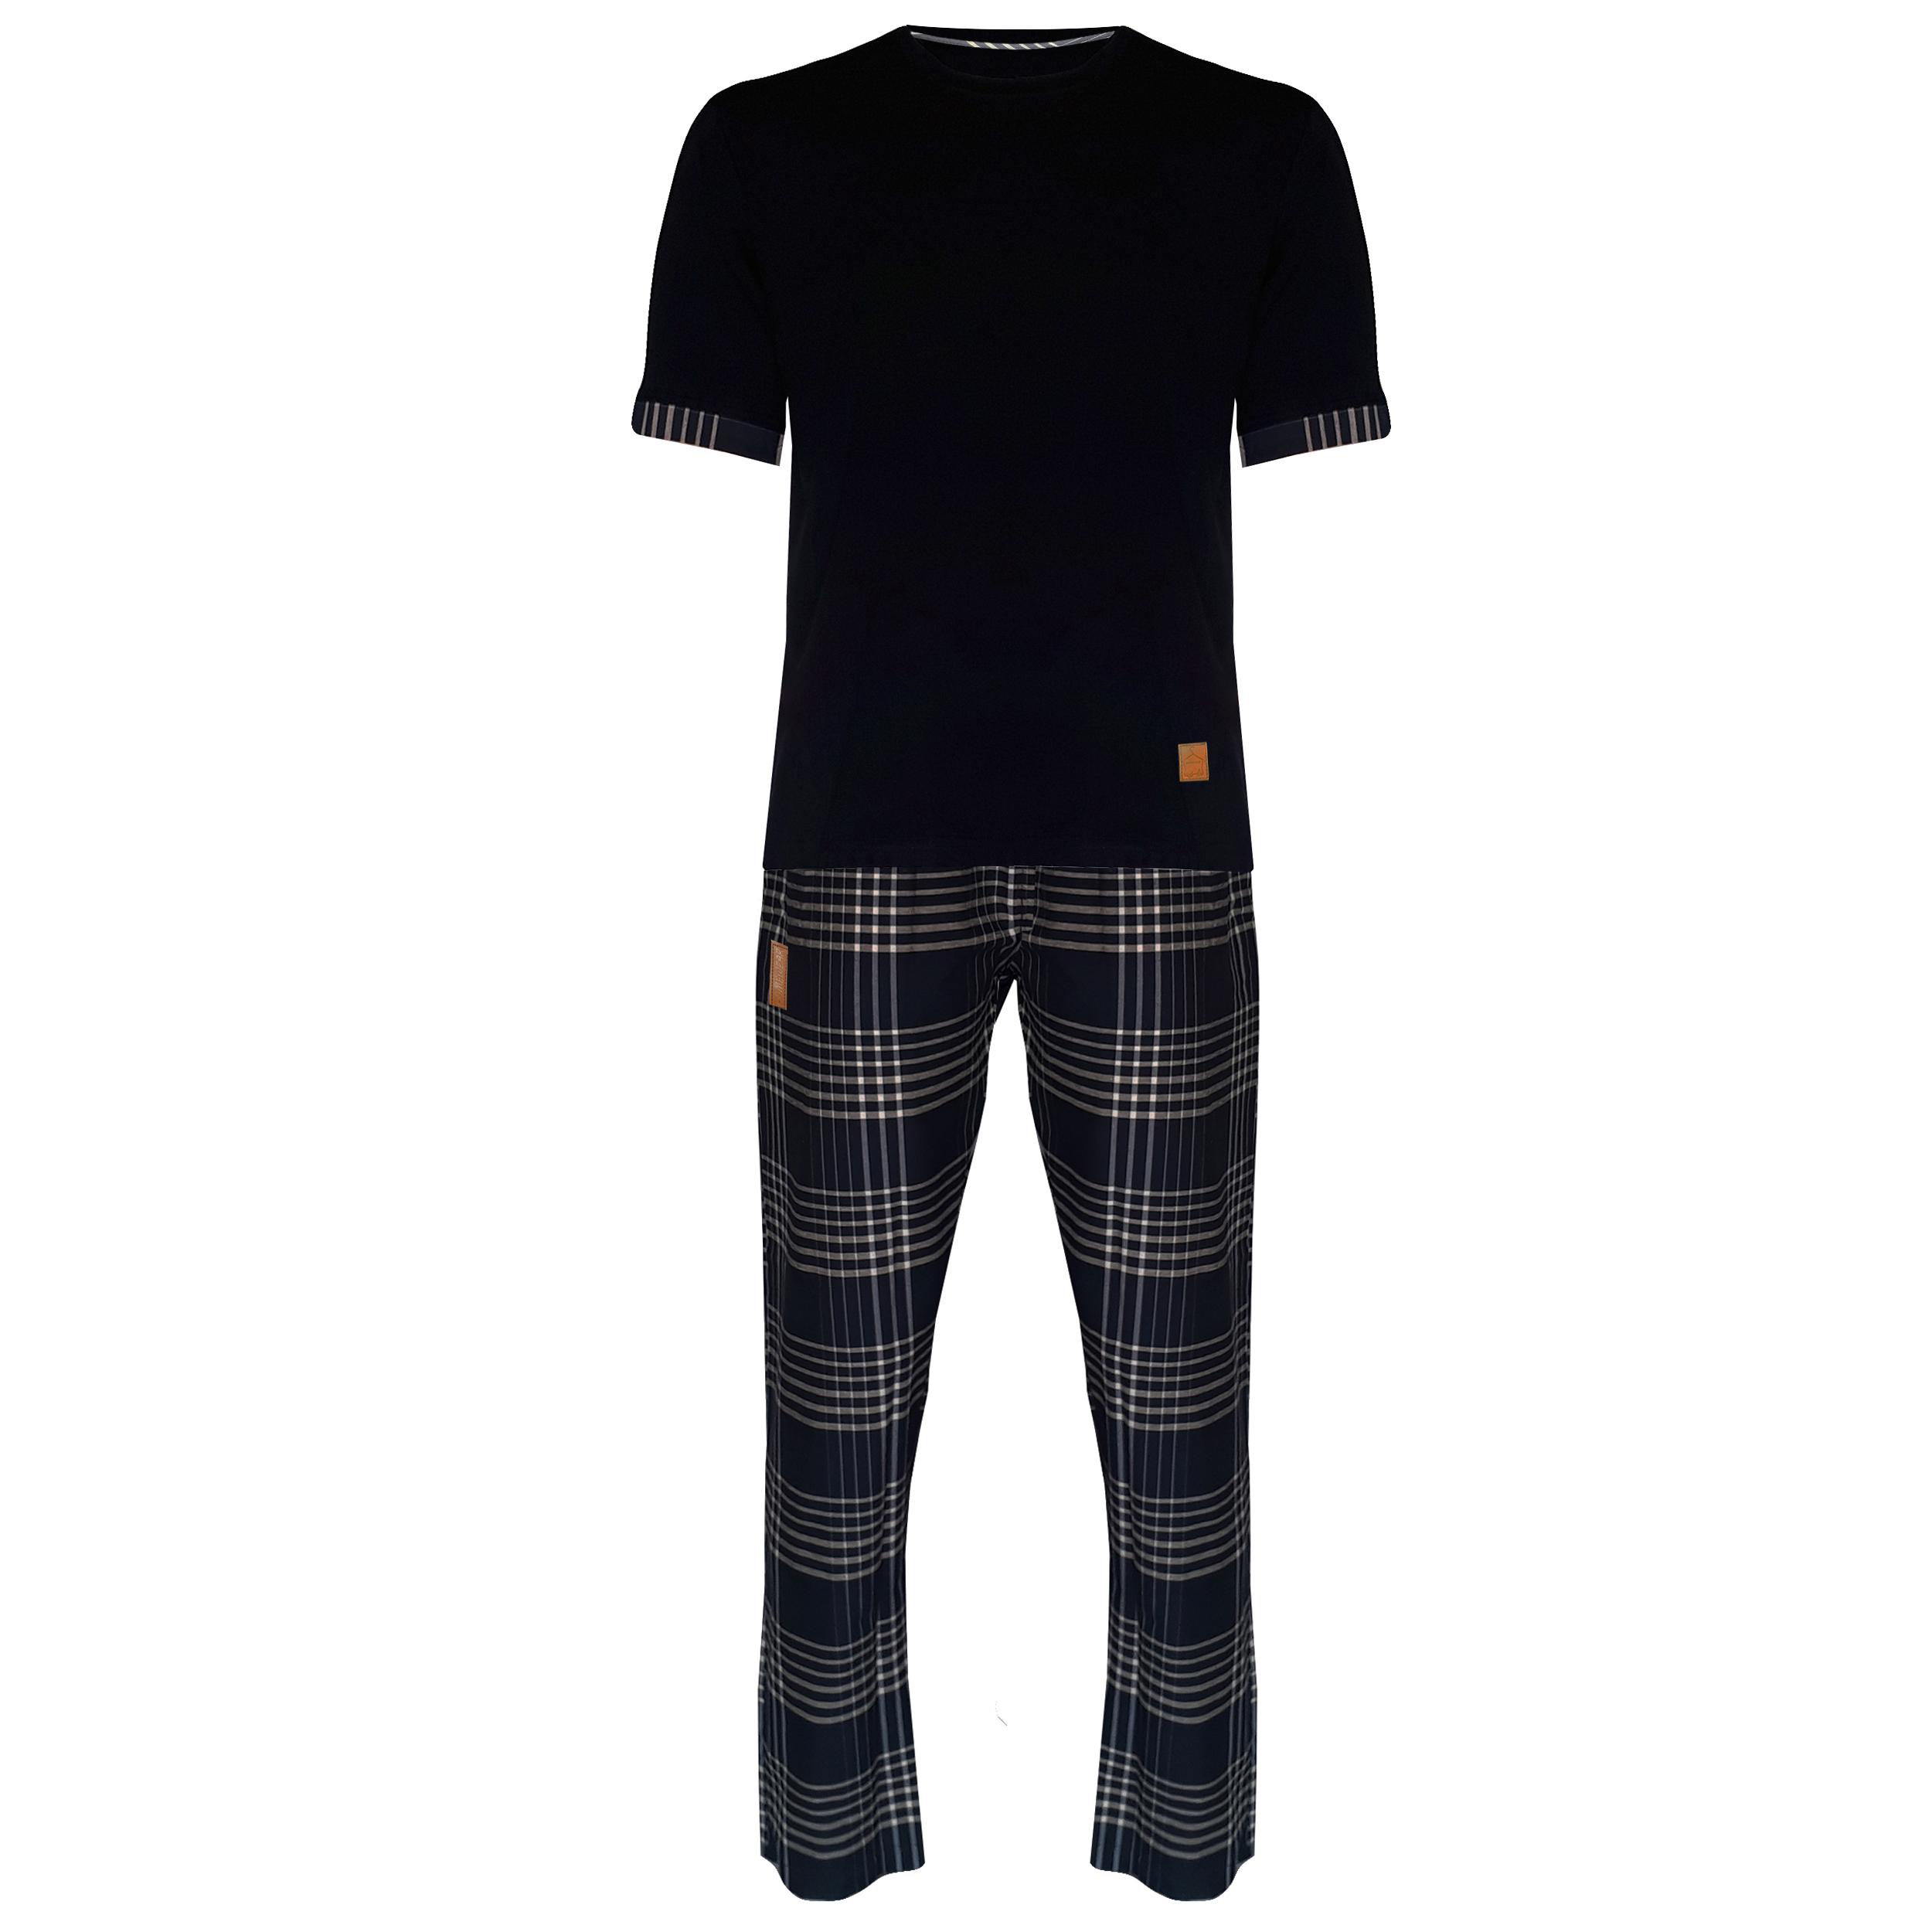 ست تی شرت و شلوار مردانه لباس خونه مدل طه کد 4445420-991120 رنگ سرمه ای